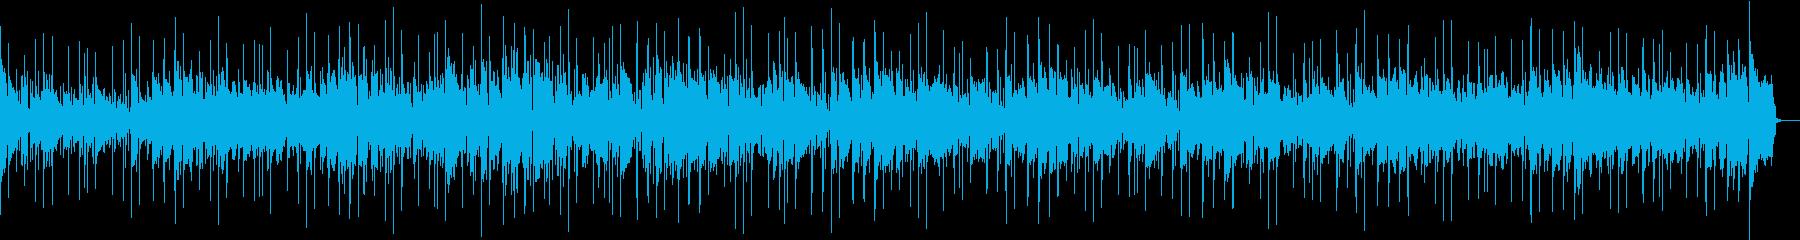 明るい雰囲気のループコードポップの再生済みの波形